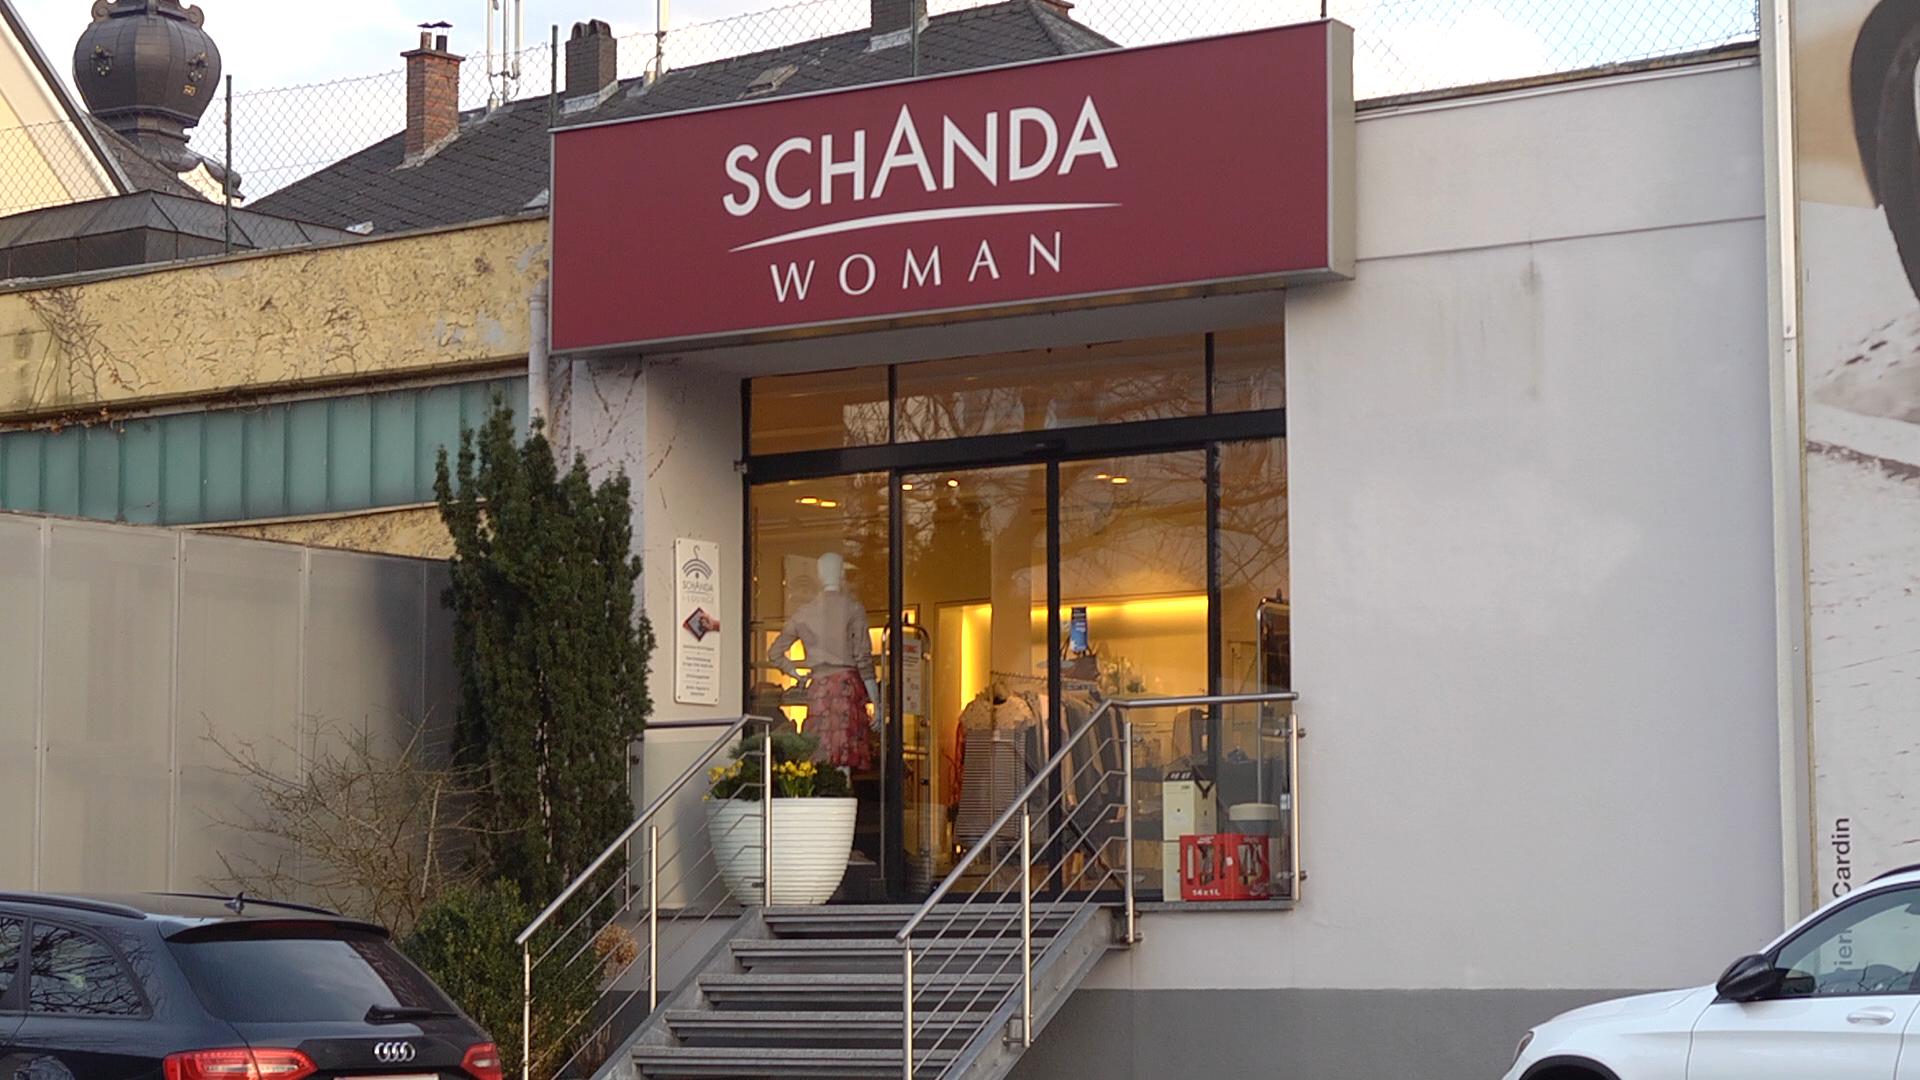 Deluxe Night bei Schanda Woman